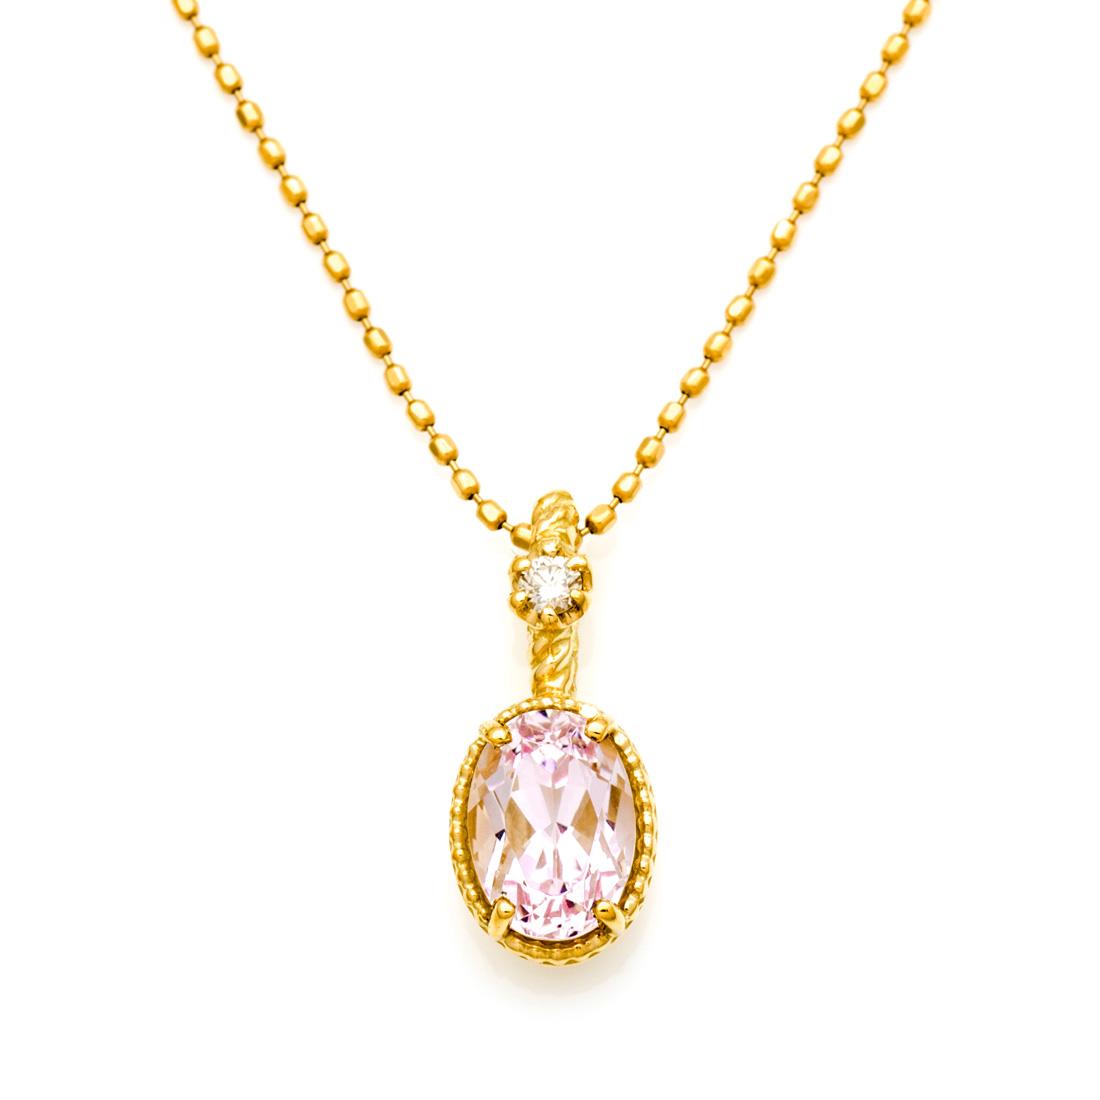 【GWクーポン配布中】K18 クンツァイト ダイヤモンド ペンダントトップ 「spaiato」送料無料 ネックレス ダイアモンド 18K 18金 ゴールド 記念日 メッセージ ギフト 贈り物